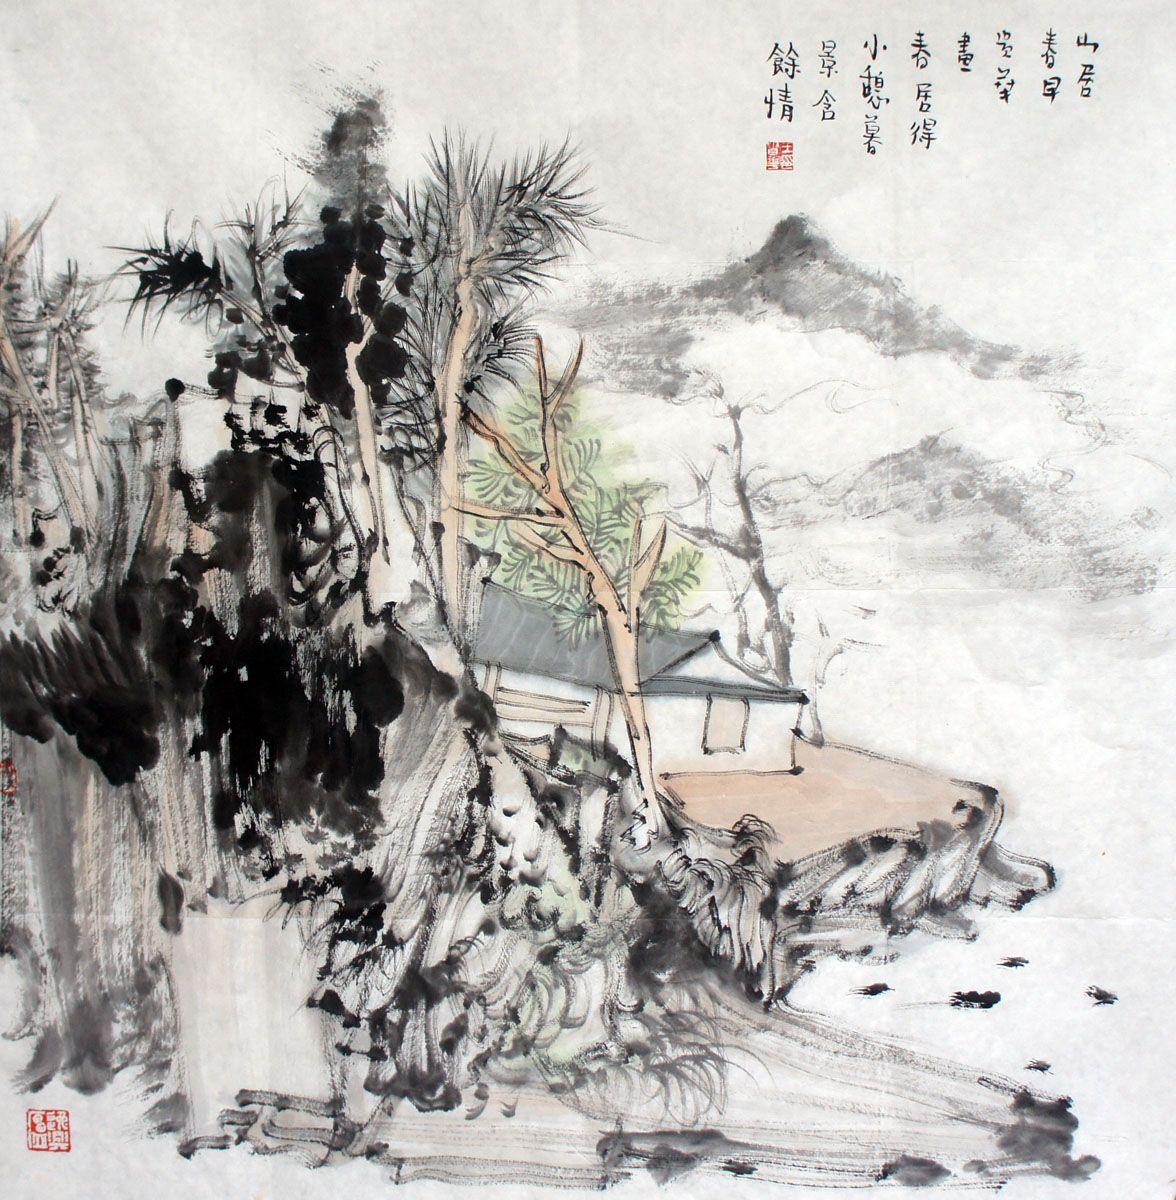 名家 王贵华 国画 - 山水图片